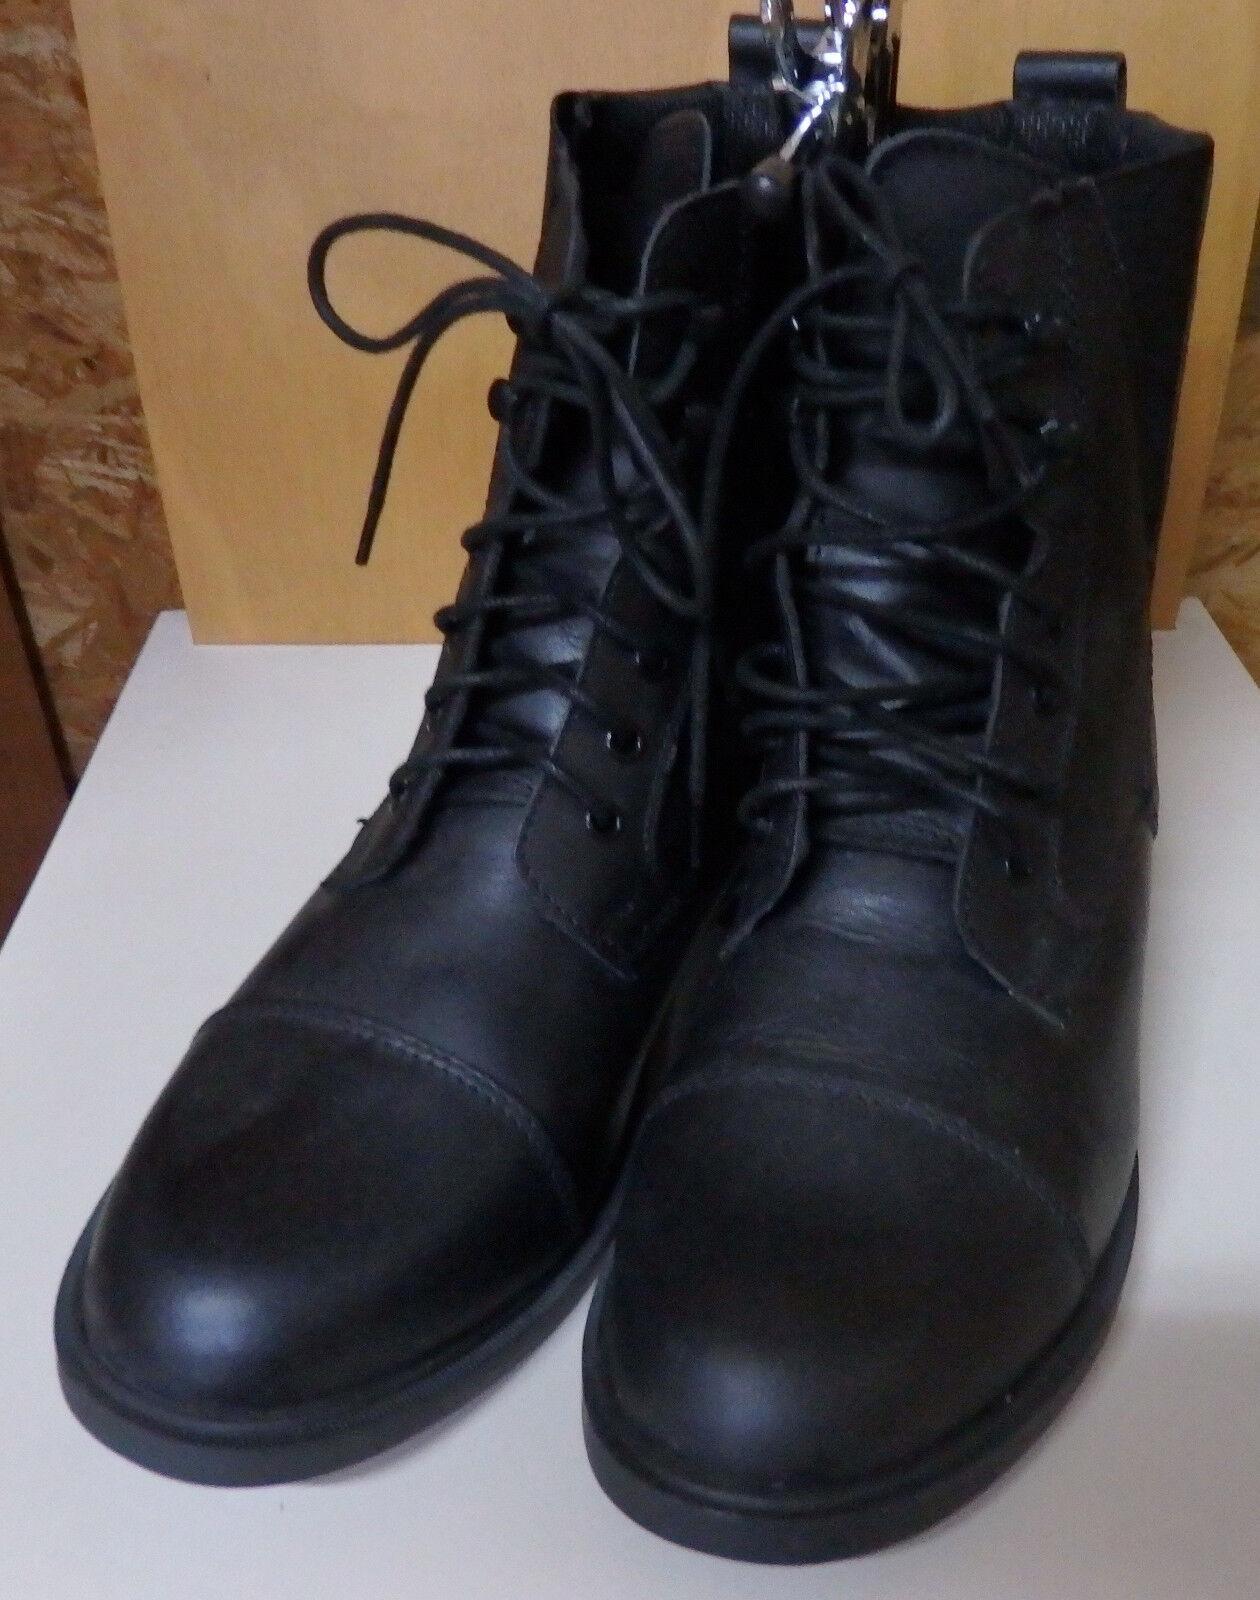 Stiefelette Schnürstiefelette Gr.45, Stallschuh, black Obermaterial Leder(1)